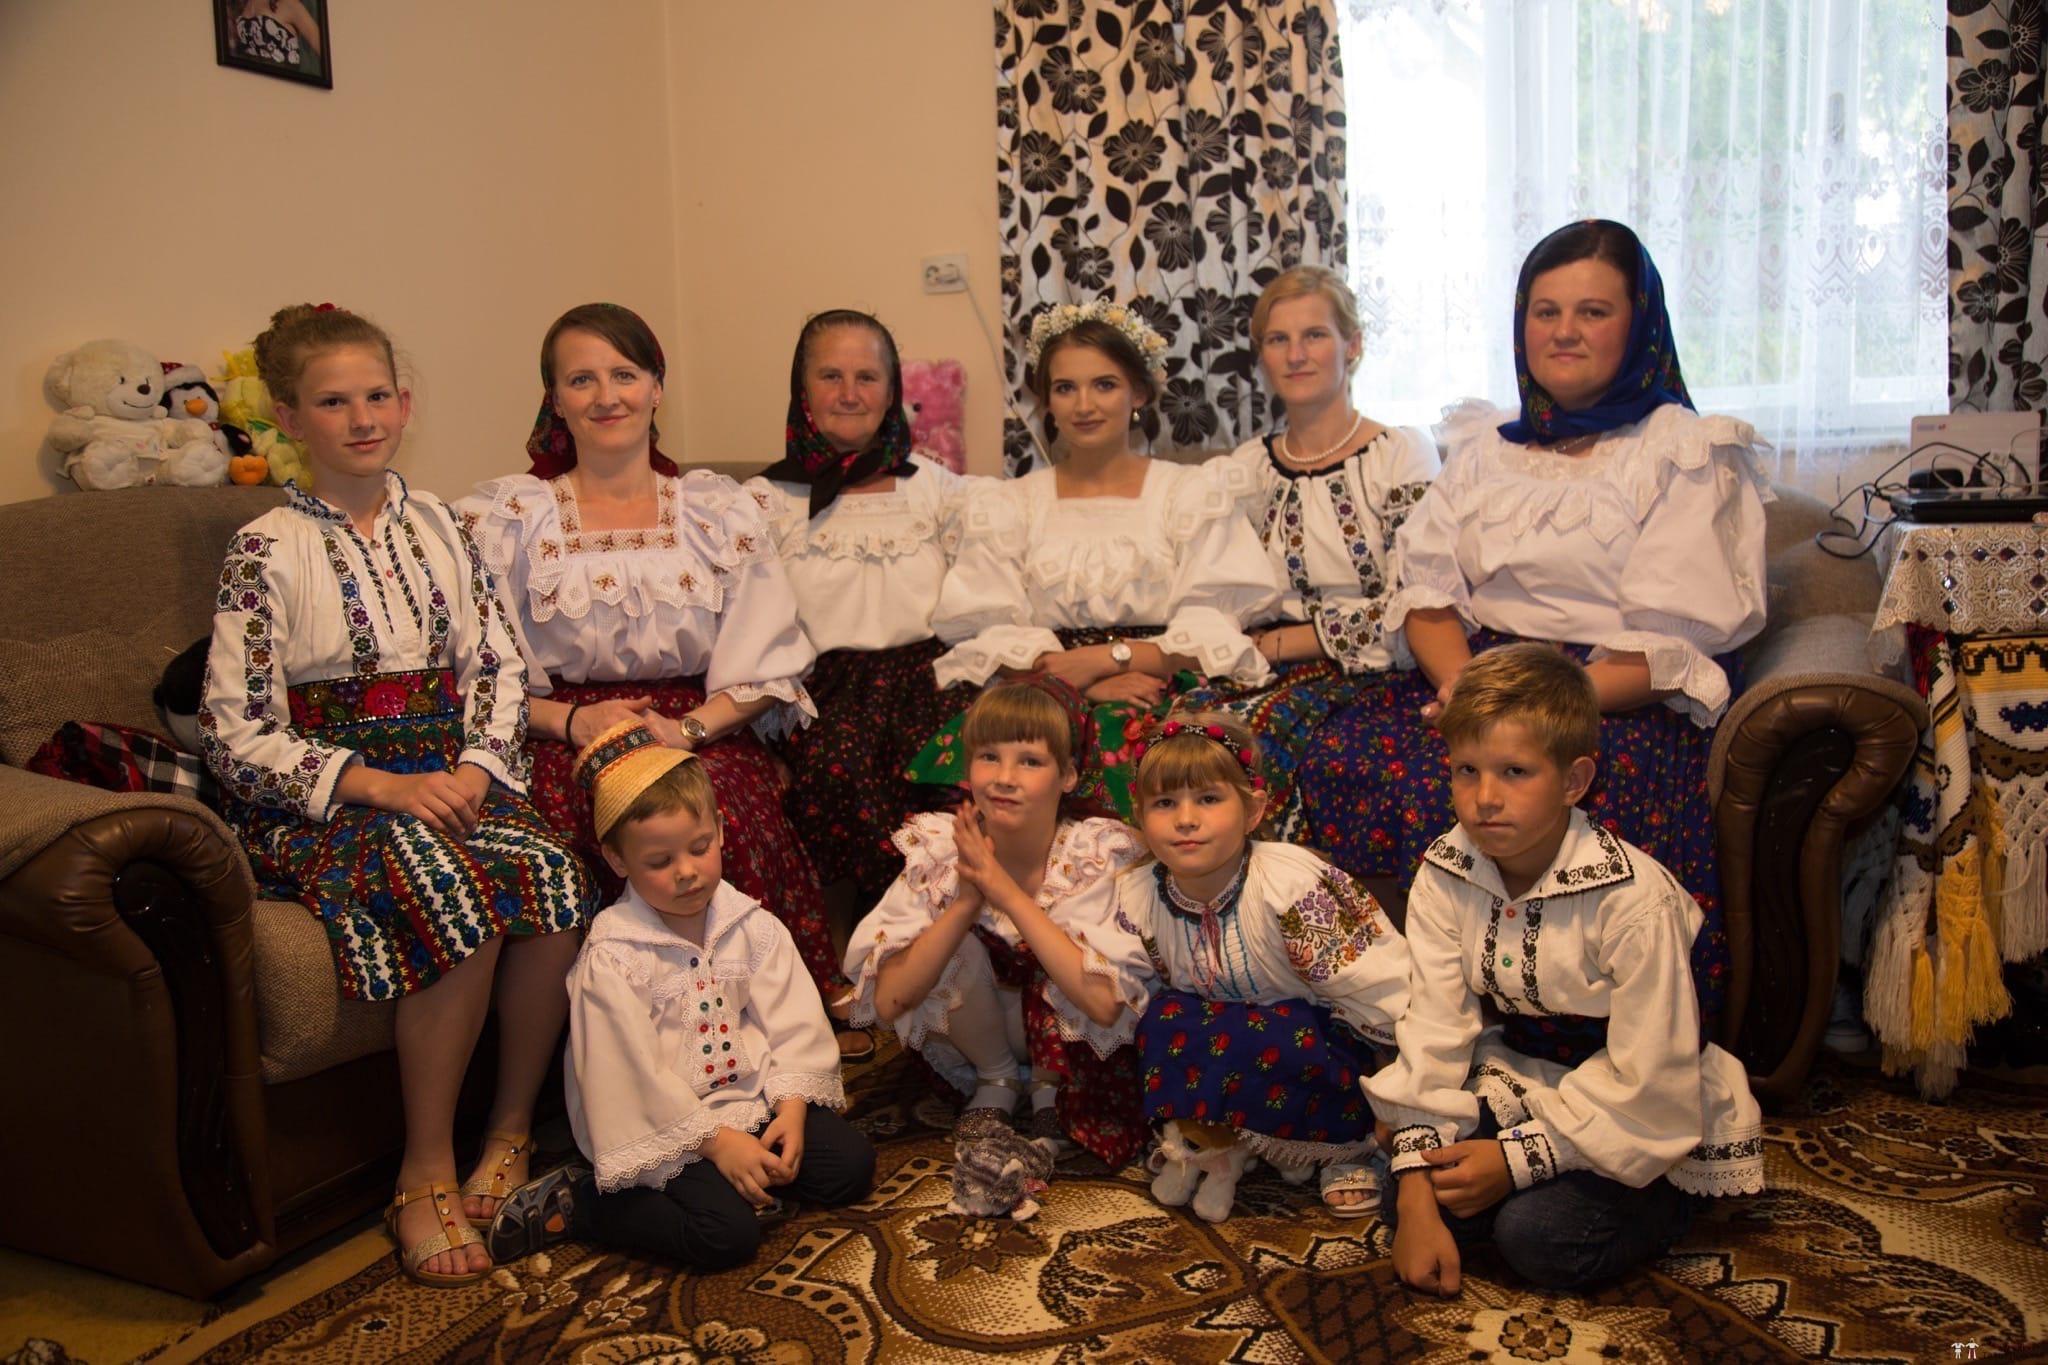 Povești Nunți Tradiționale - Ancuța și Nicu, cununie tradițională în Giulești, Maramureș 4